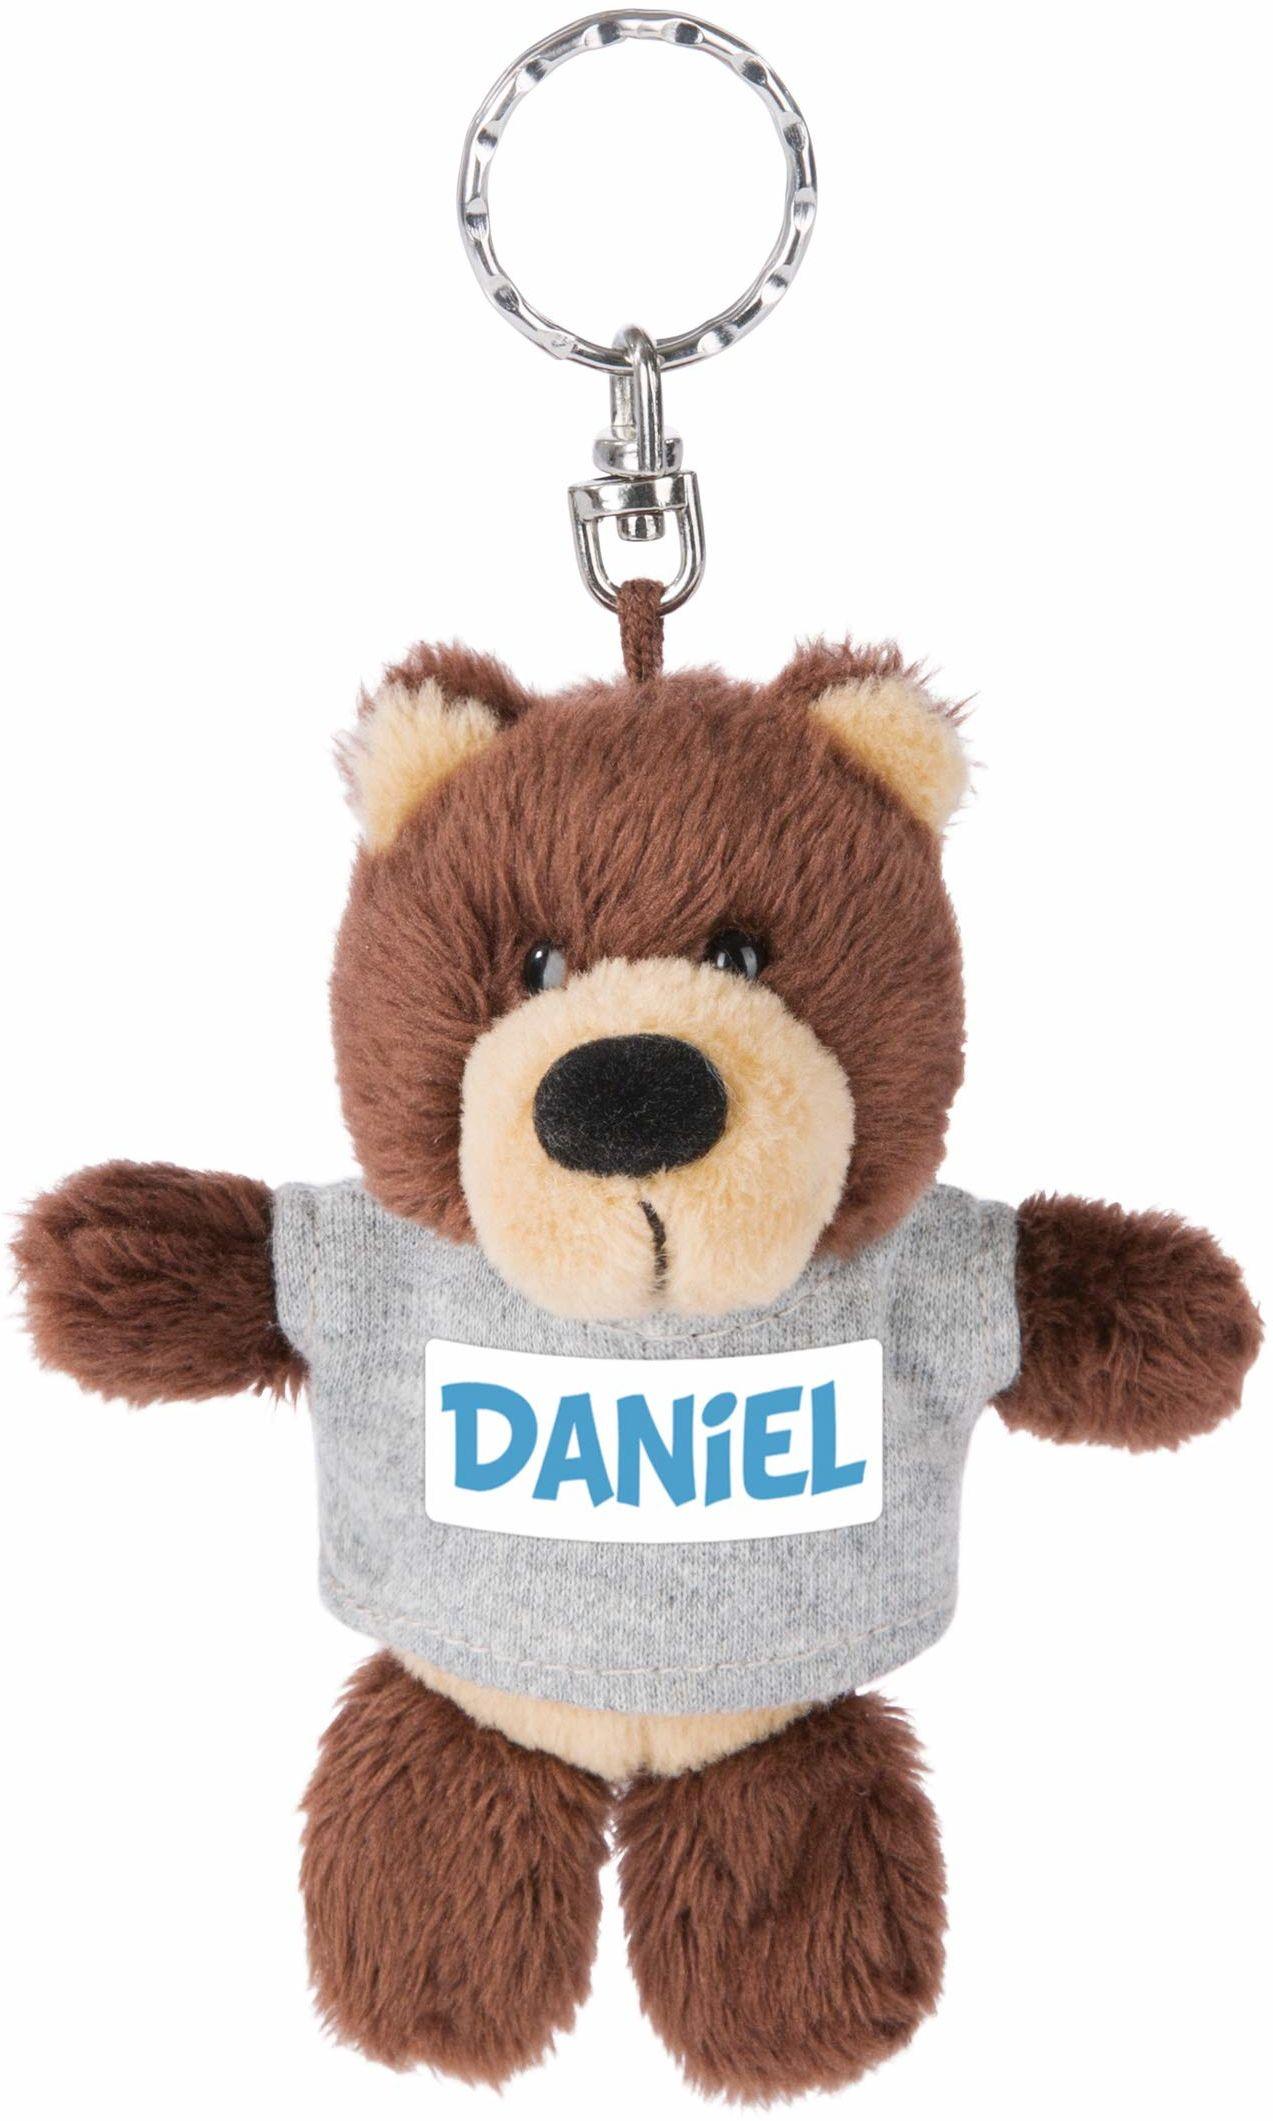 NICI 44669 breloczek do kluczy niedźwiedź z T-shirtem Daniel 10 cm, brązowy